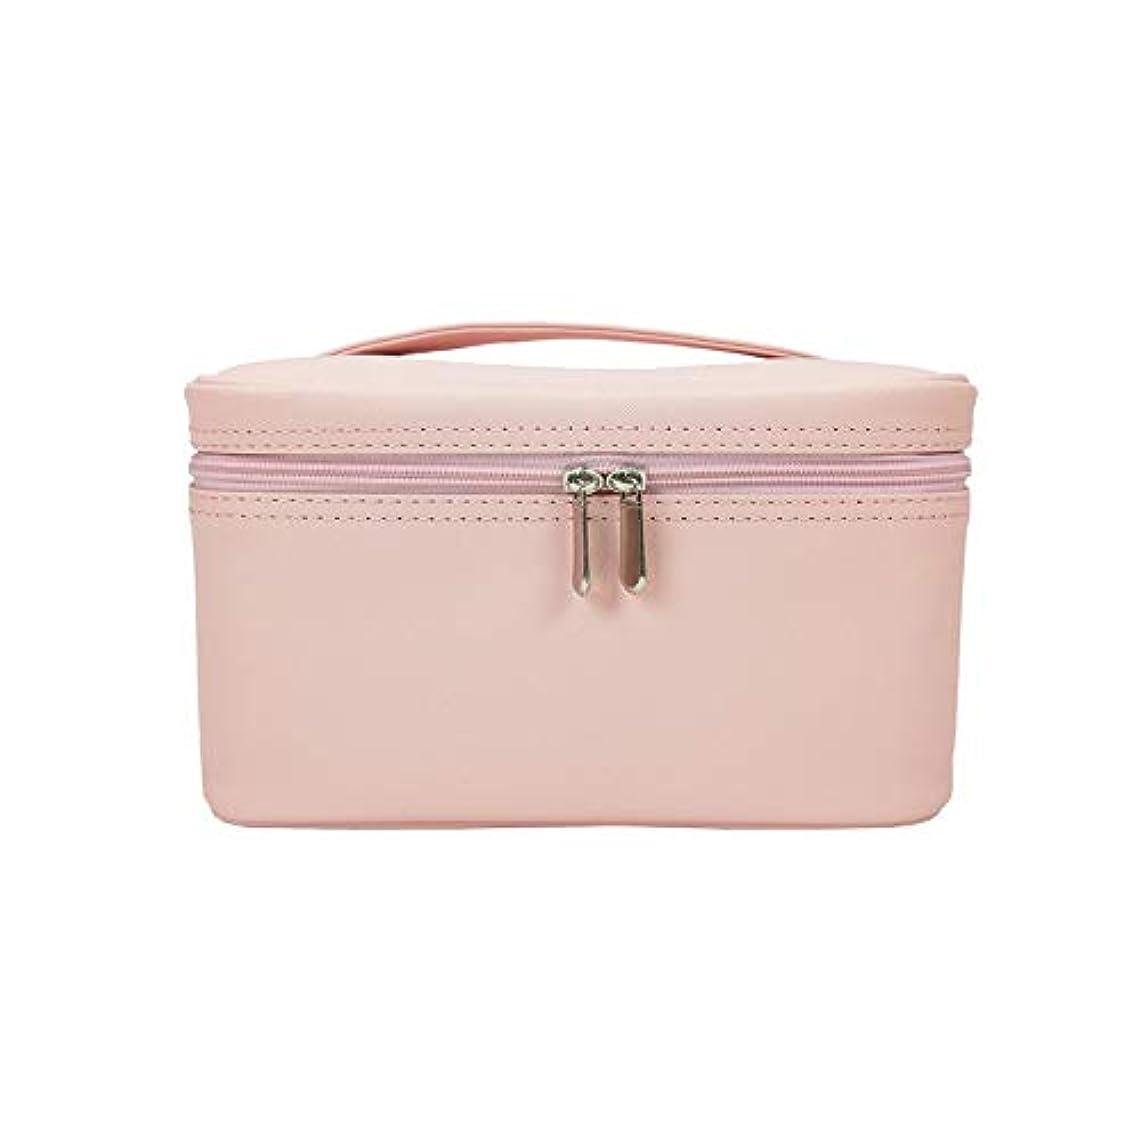 かご招待豆化粧オーガナイザーバッグ メイクアップトラベルバッグPUレター防水化粧ケースのティーン女の子の女性のアーティスト 化粧品ケース (色 : ピンク)